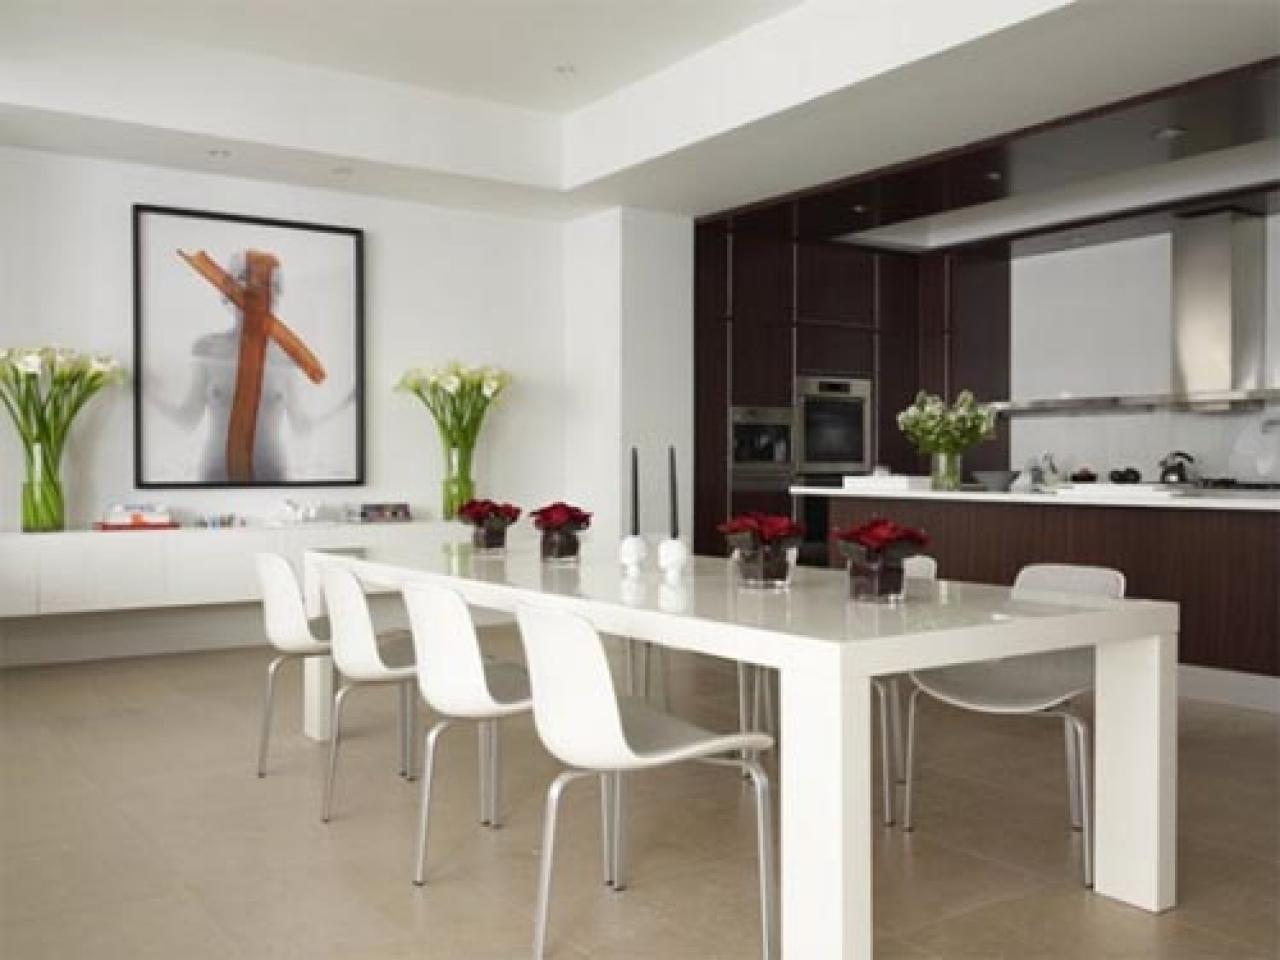 dining room interior design ideas photo - 2